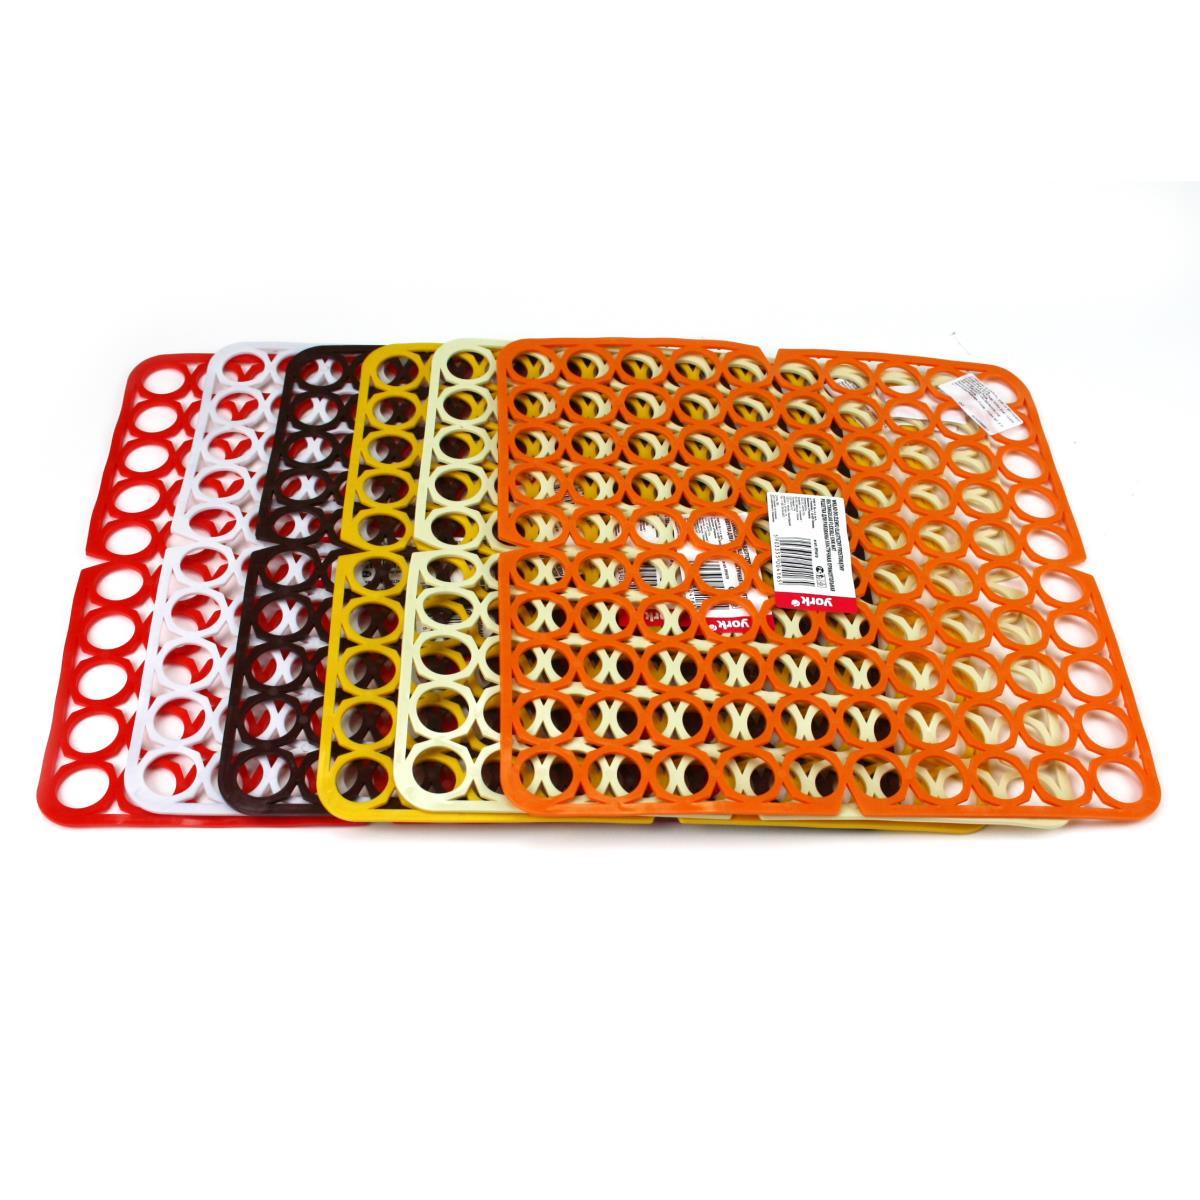 Spülbeckenmatte Spülbeckeneinlage Spülmatte Abtropfmatte Antirutschmatte Matte ,york,000050996811, 5903355004165